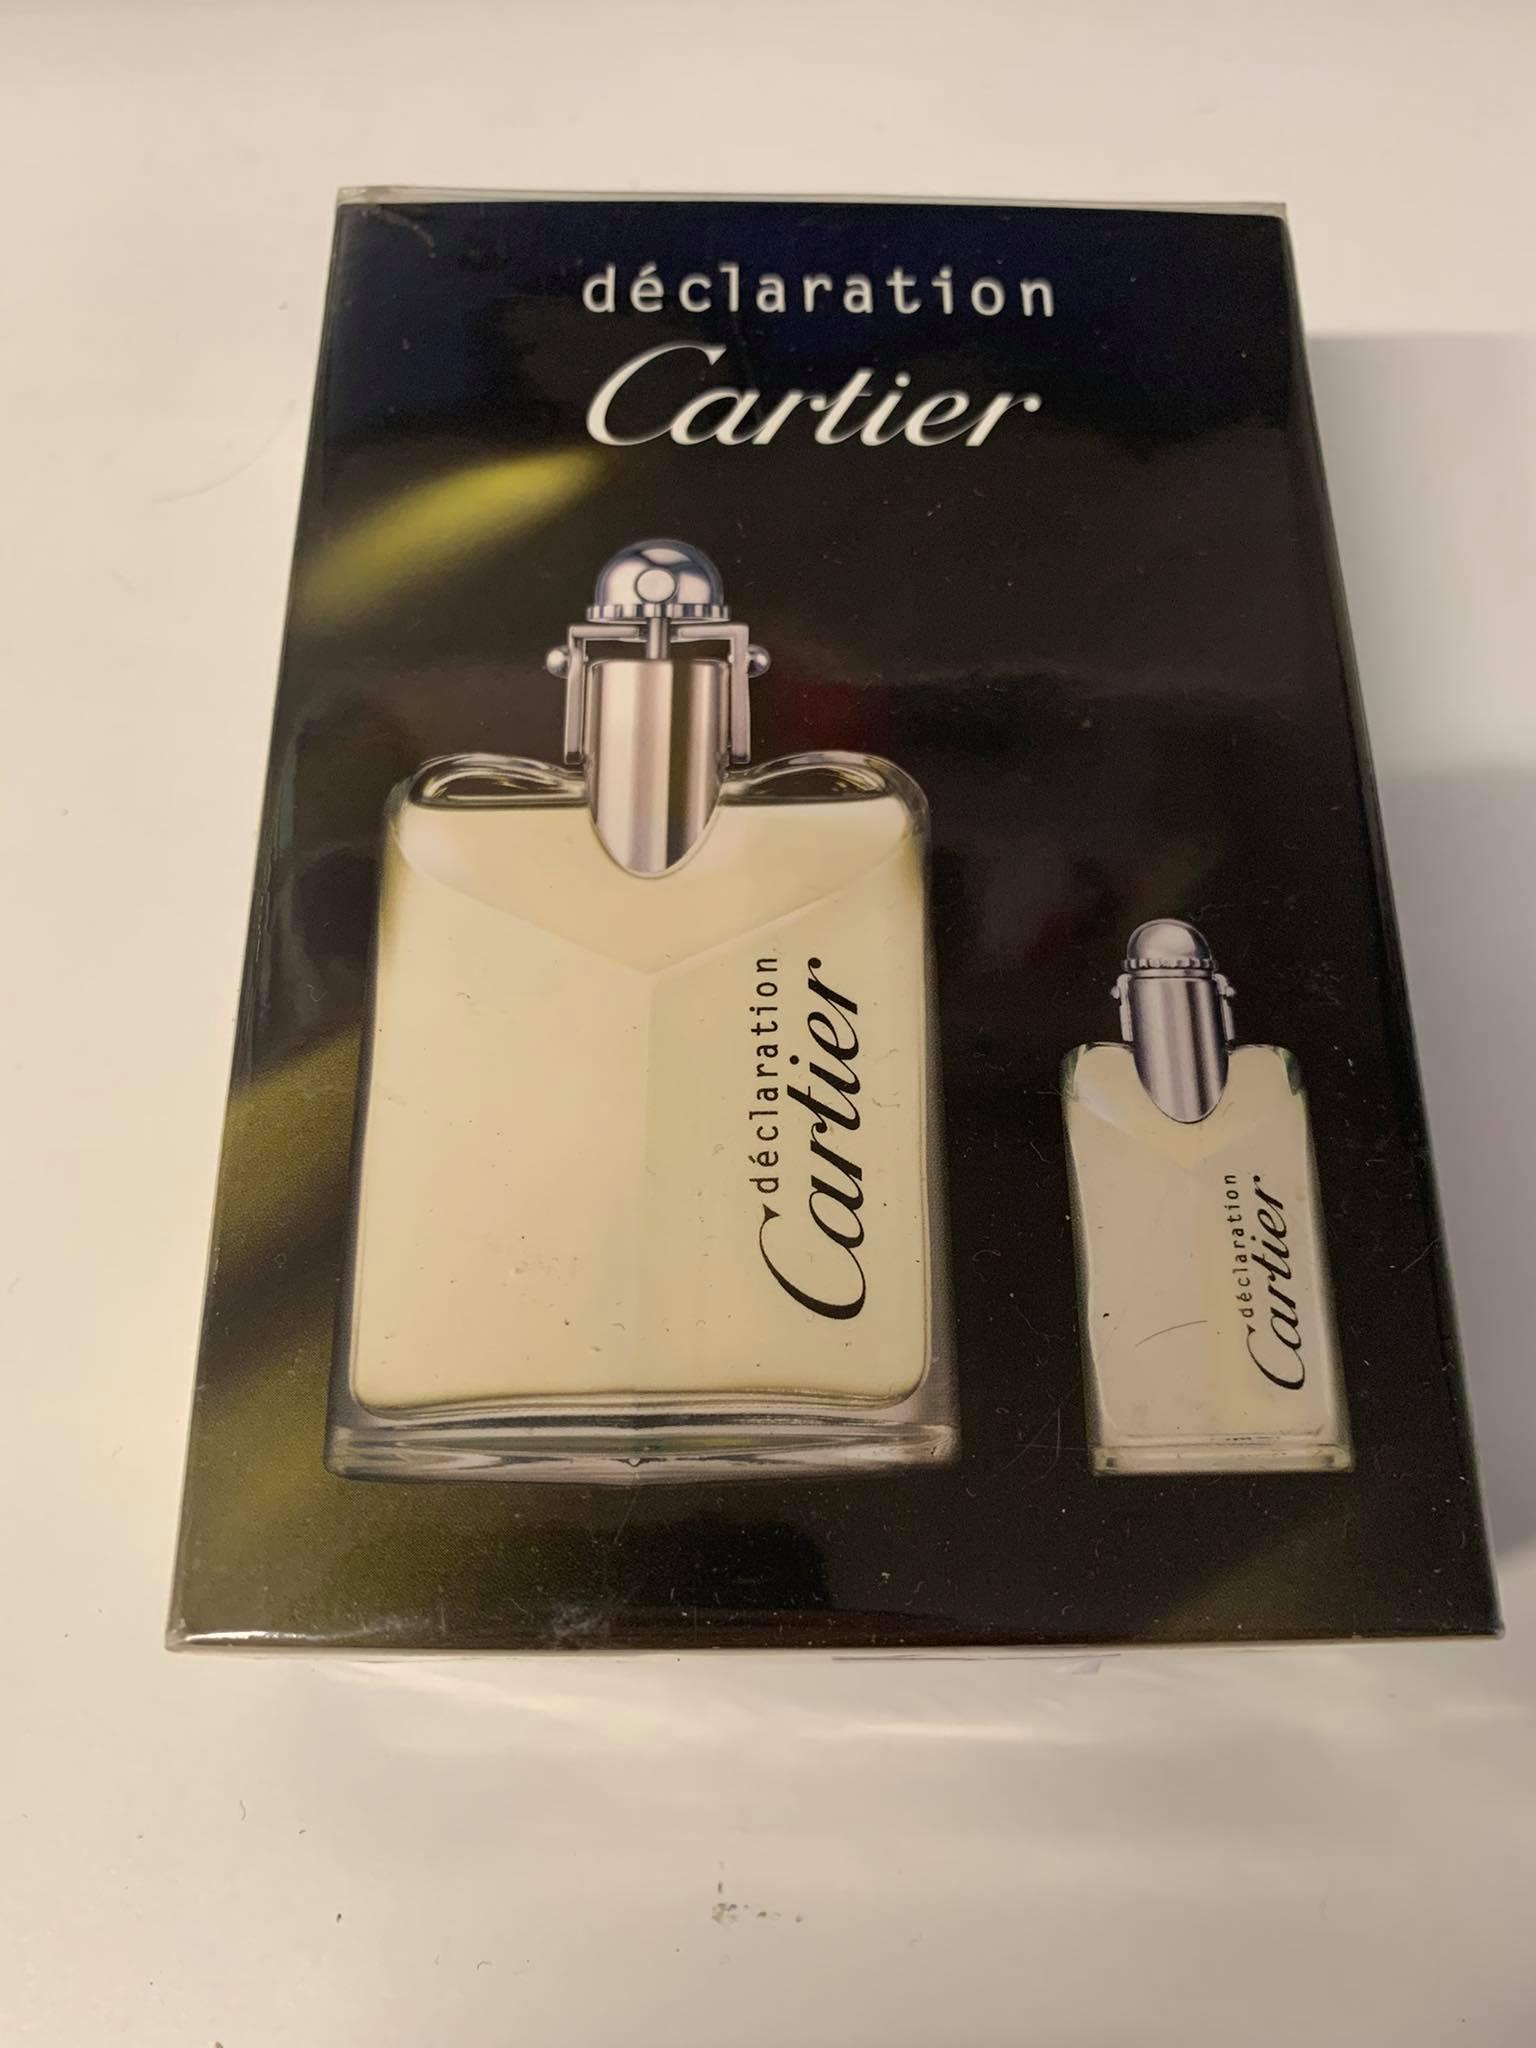 Cartier Declaration SET: edt 50ml + edt 4ml